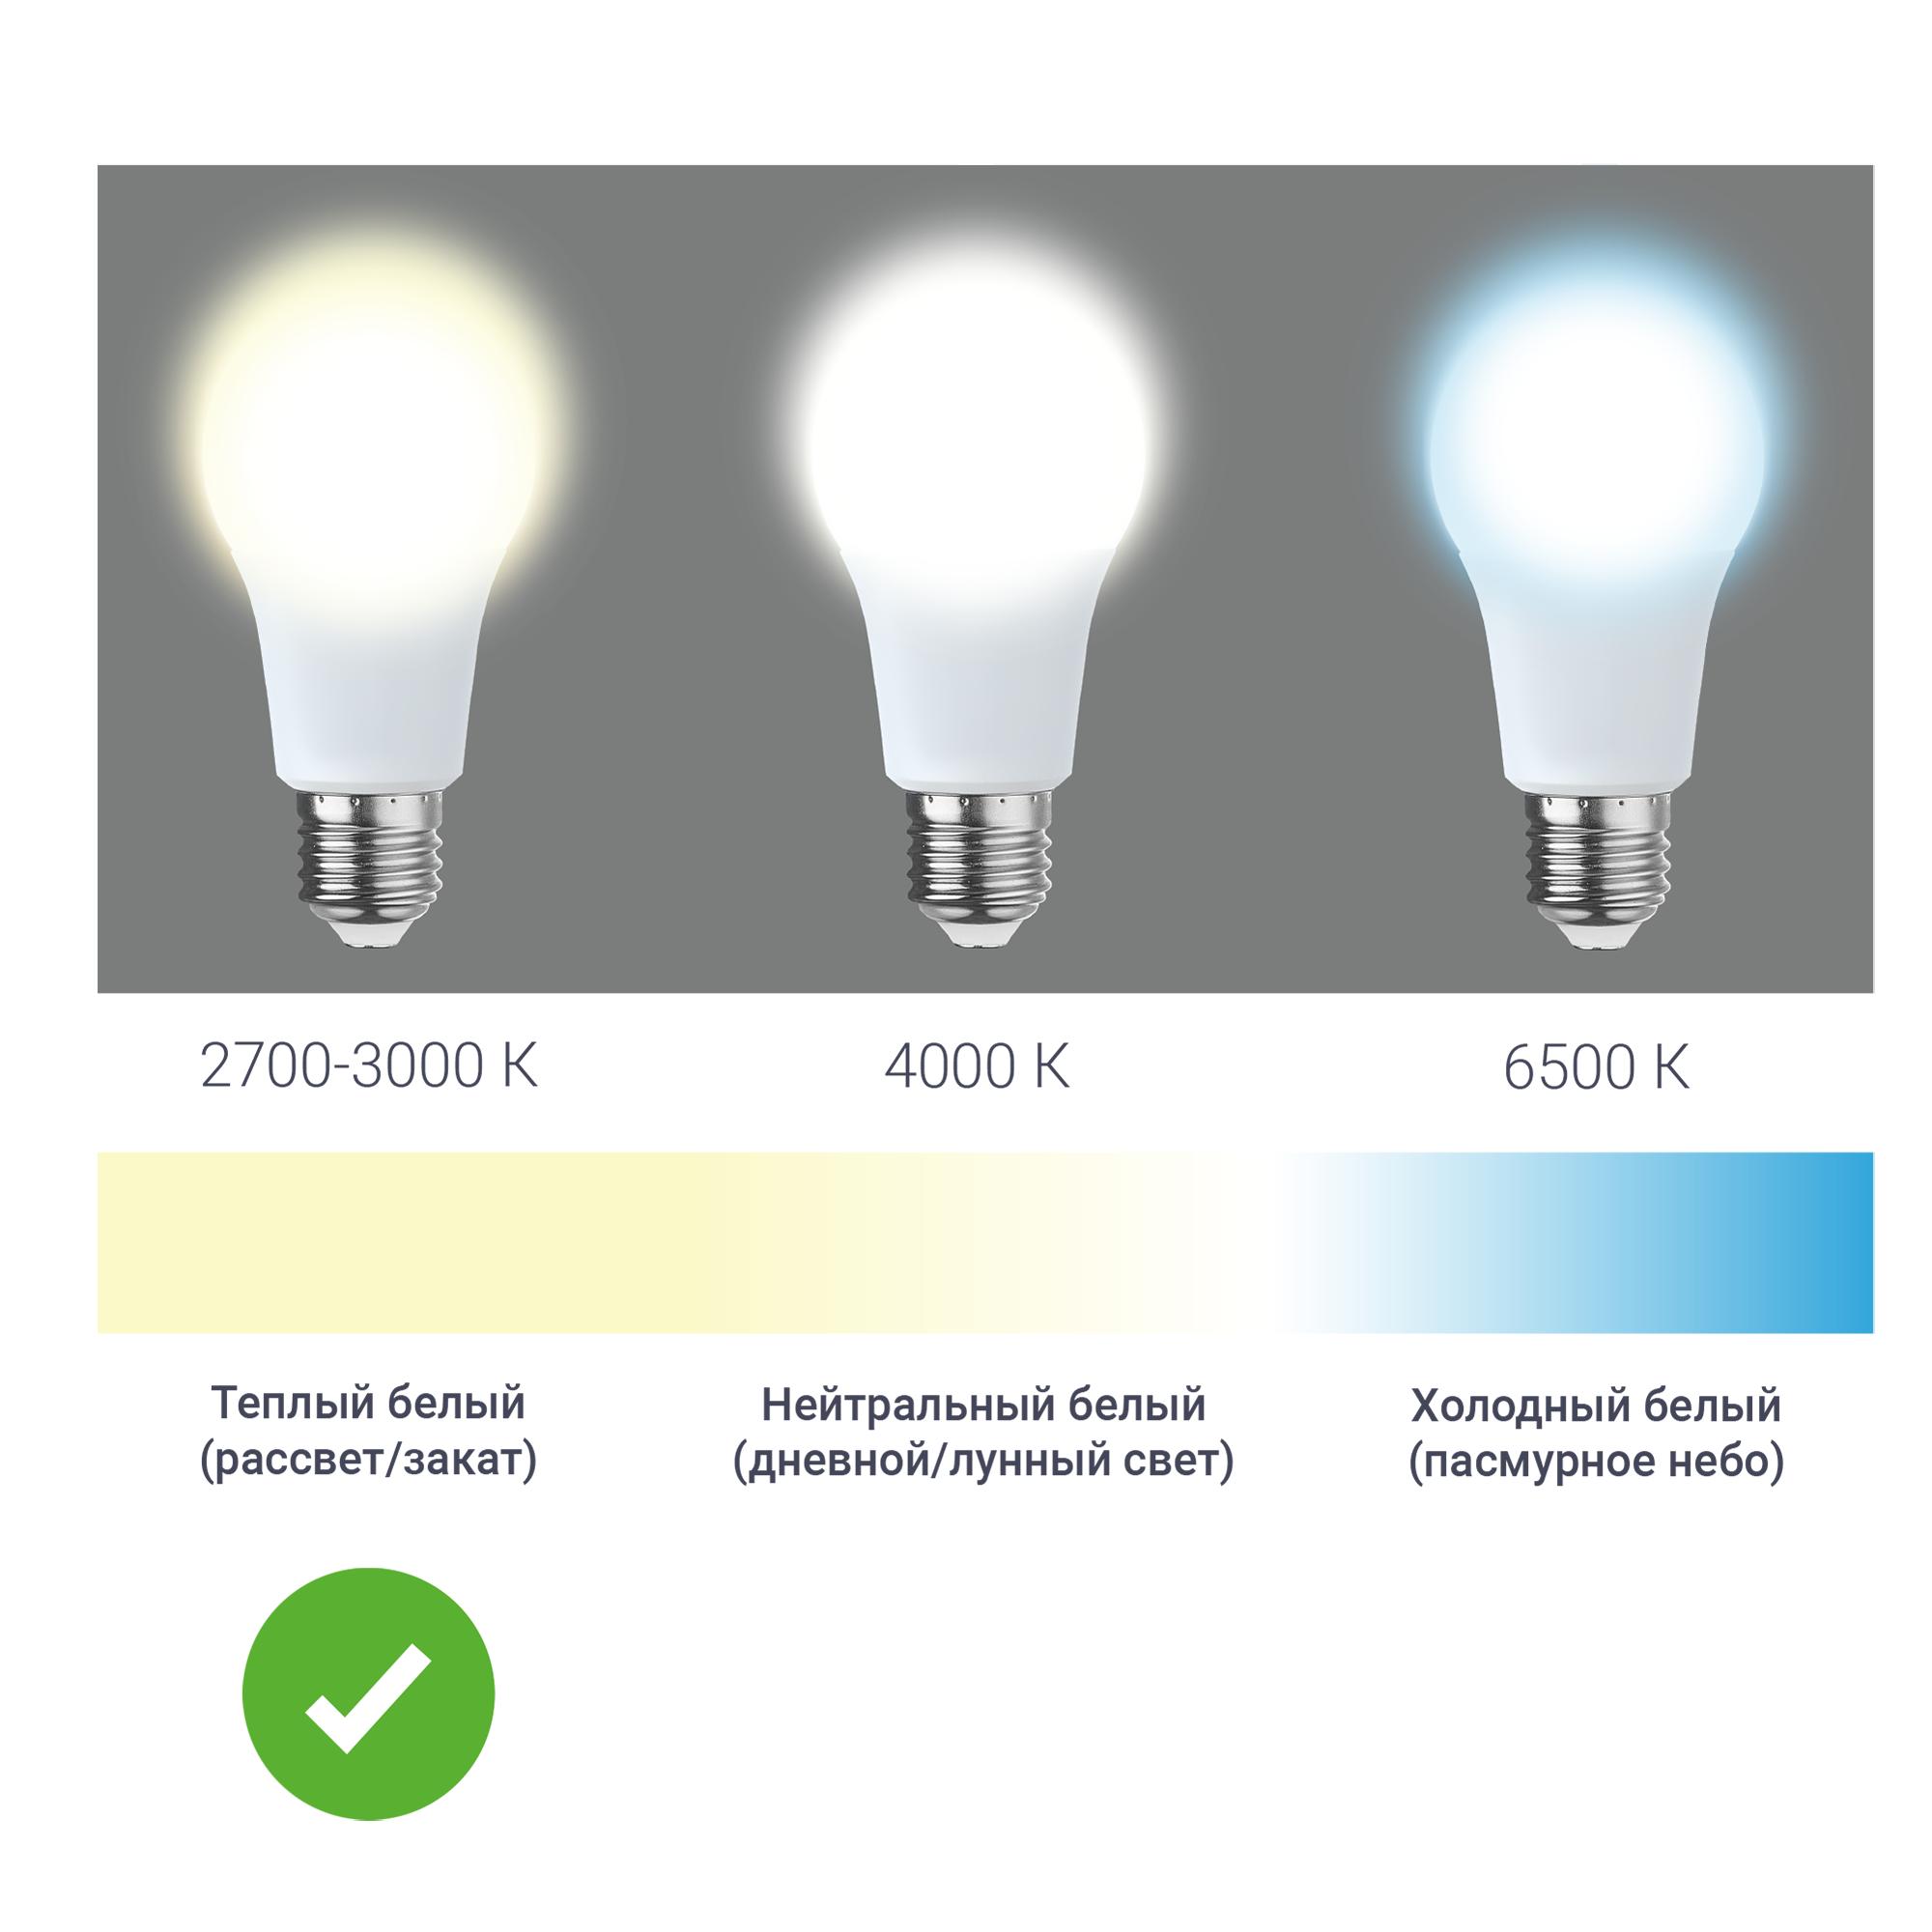 Лампа светодиодная Osram GU5.3 220 В 7.5 Вт спот матовая 700 лм тёплый белый свет